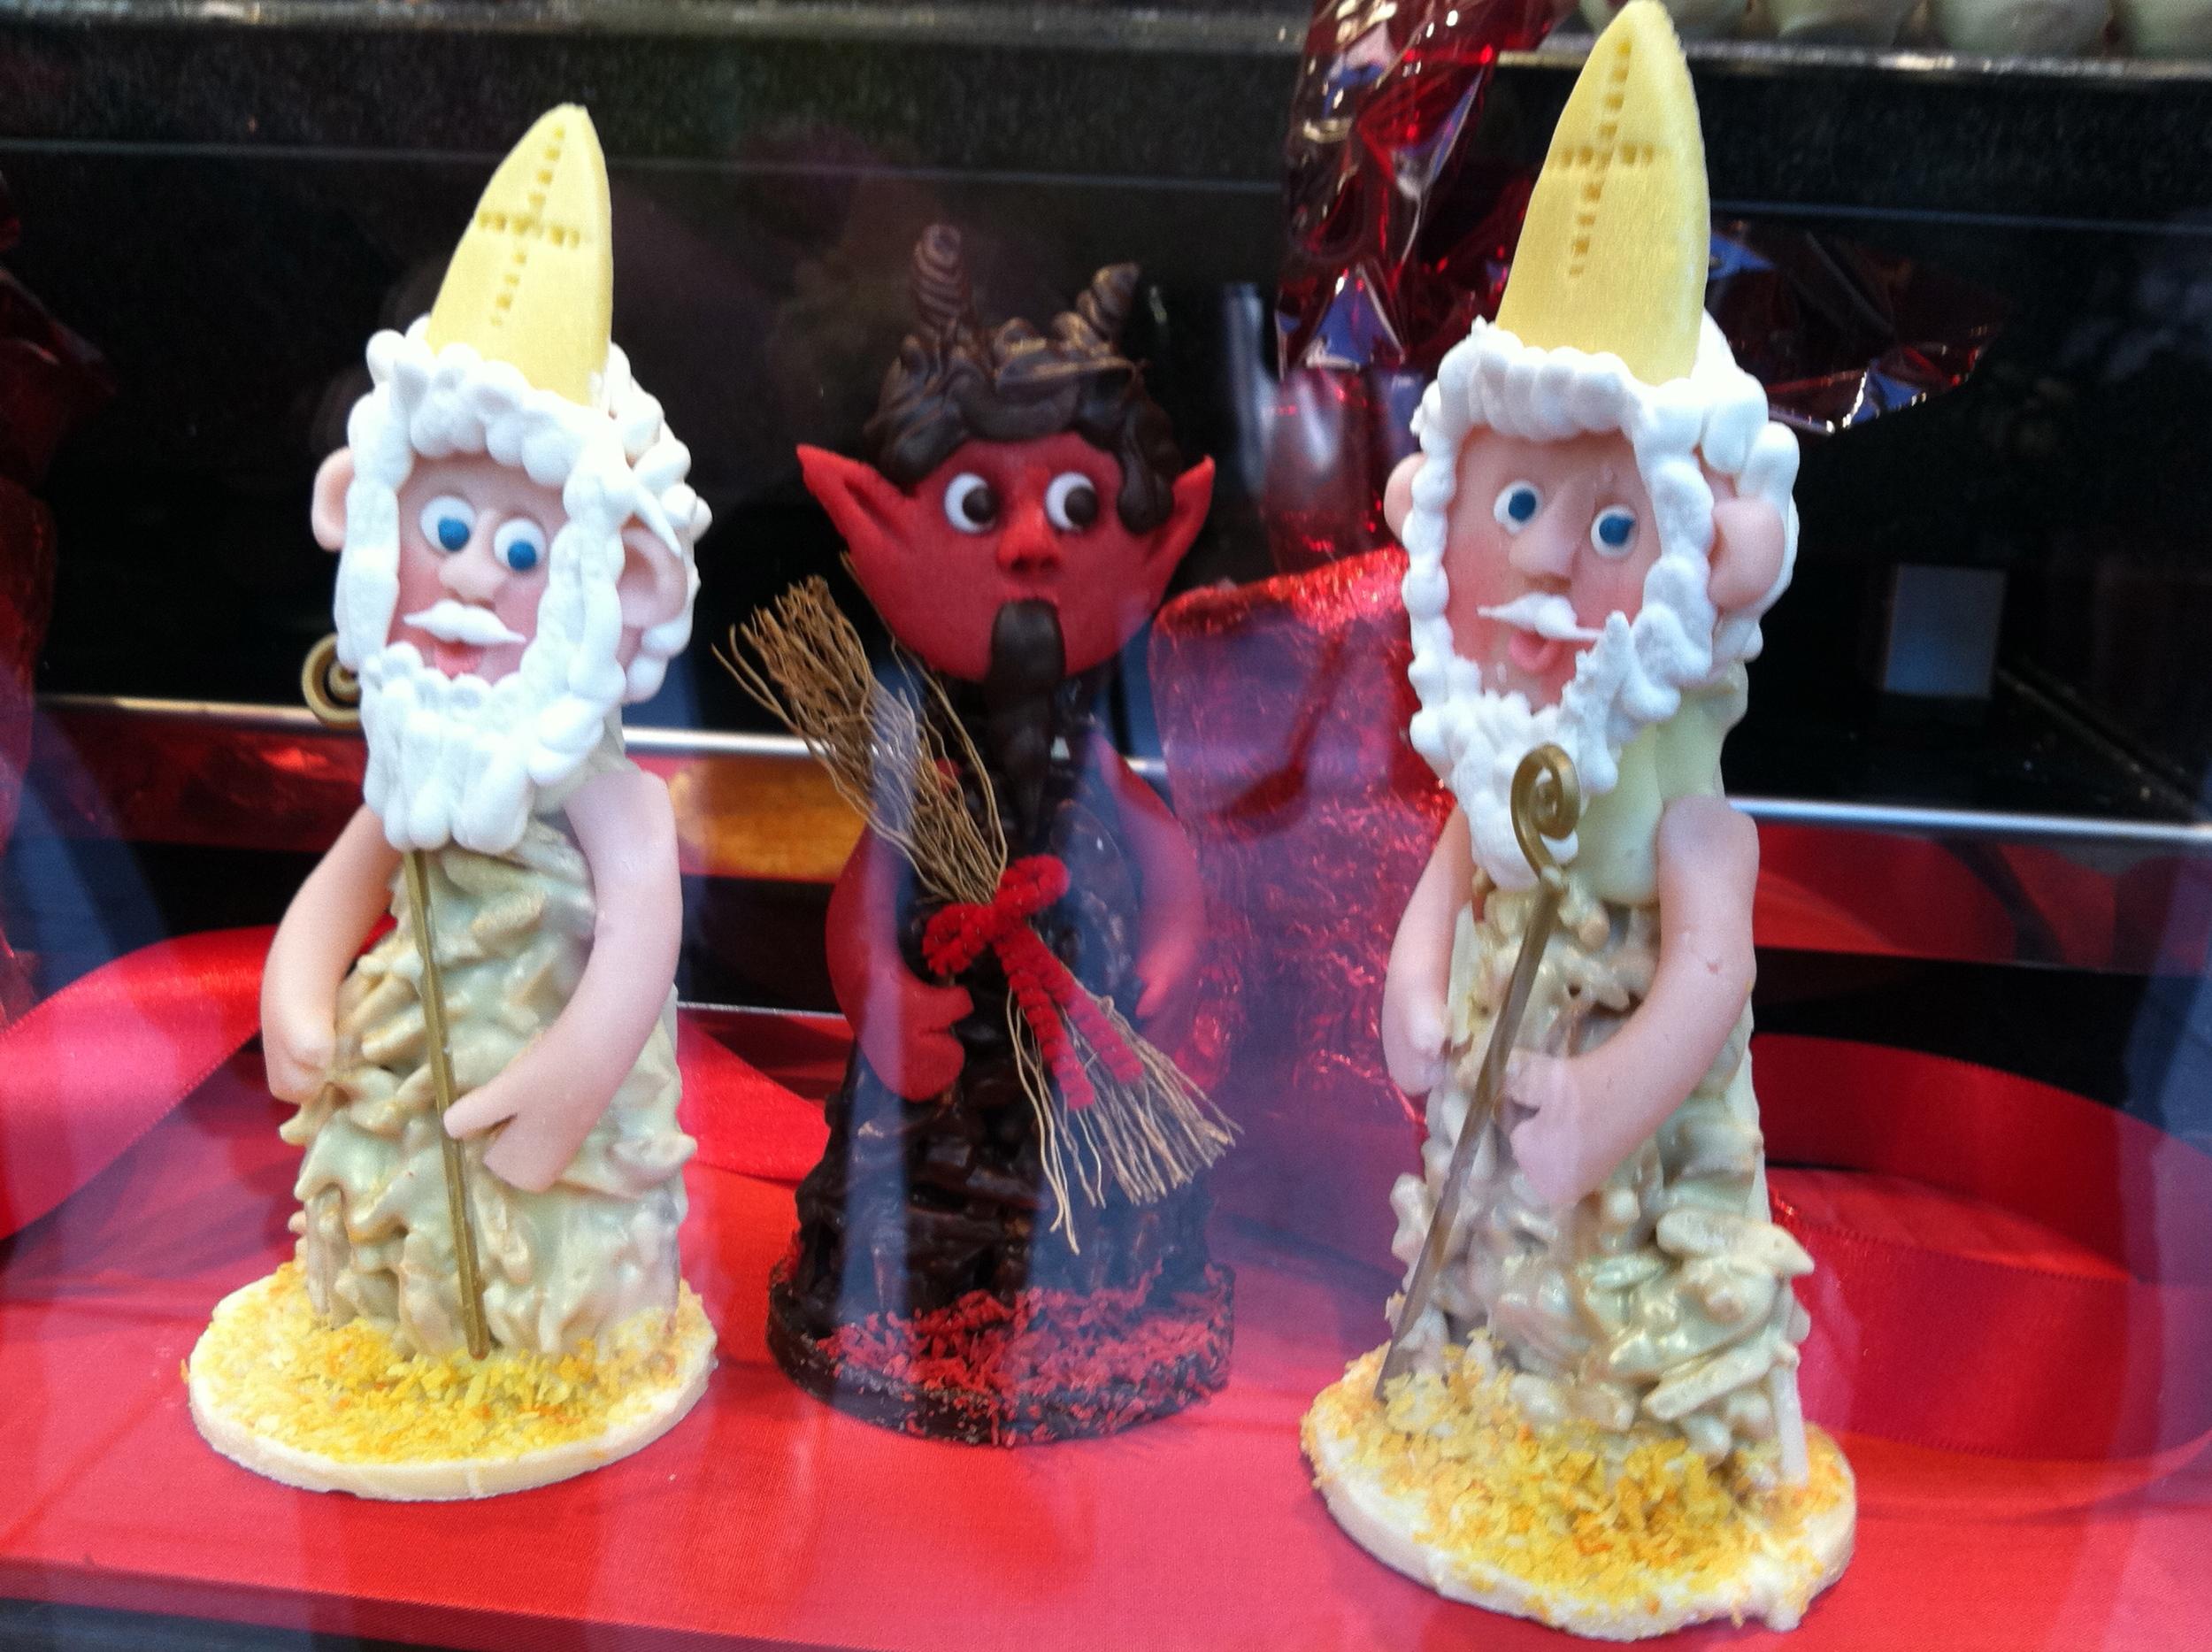 Krampus and St. Nicholas desserts in a bakery window in Vienna.